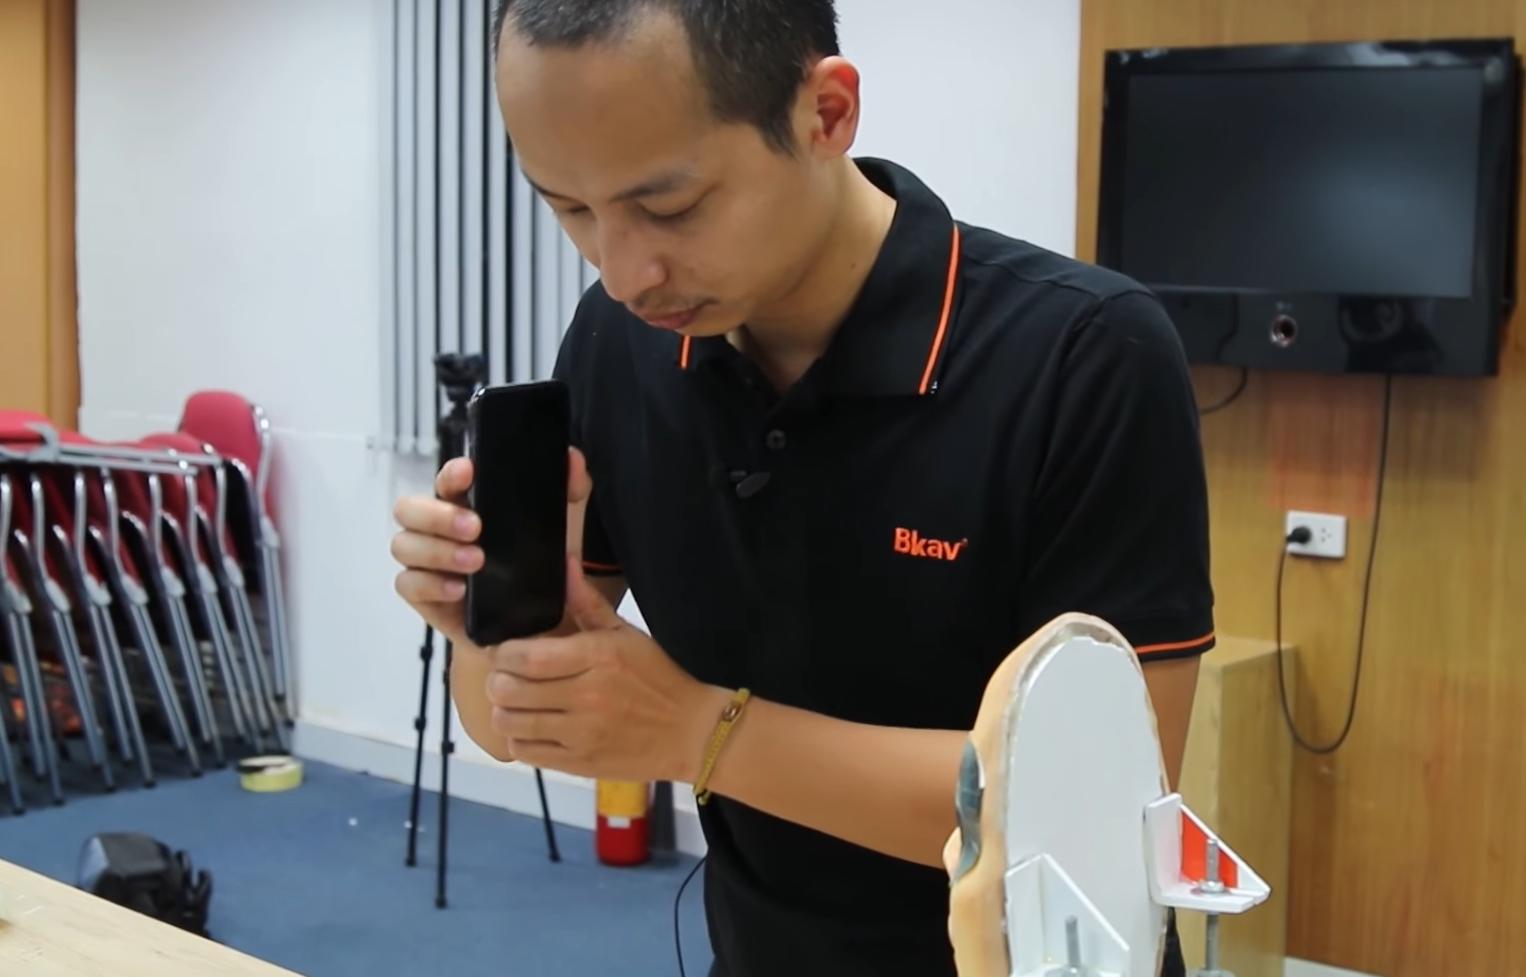 Вьетнамцы изBkav вновь одурачили FaceID новейшей маской близнеца